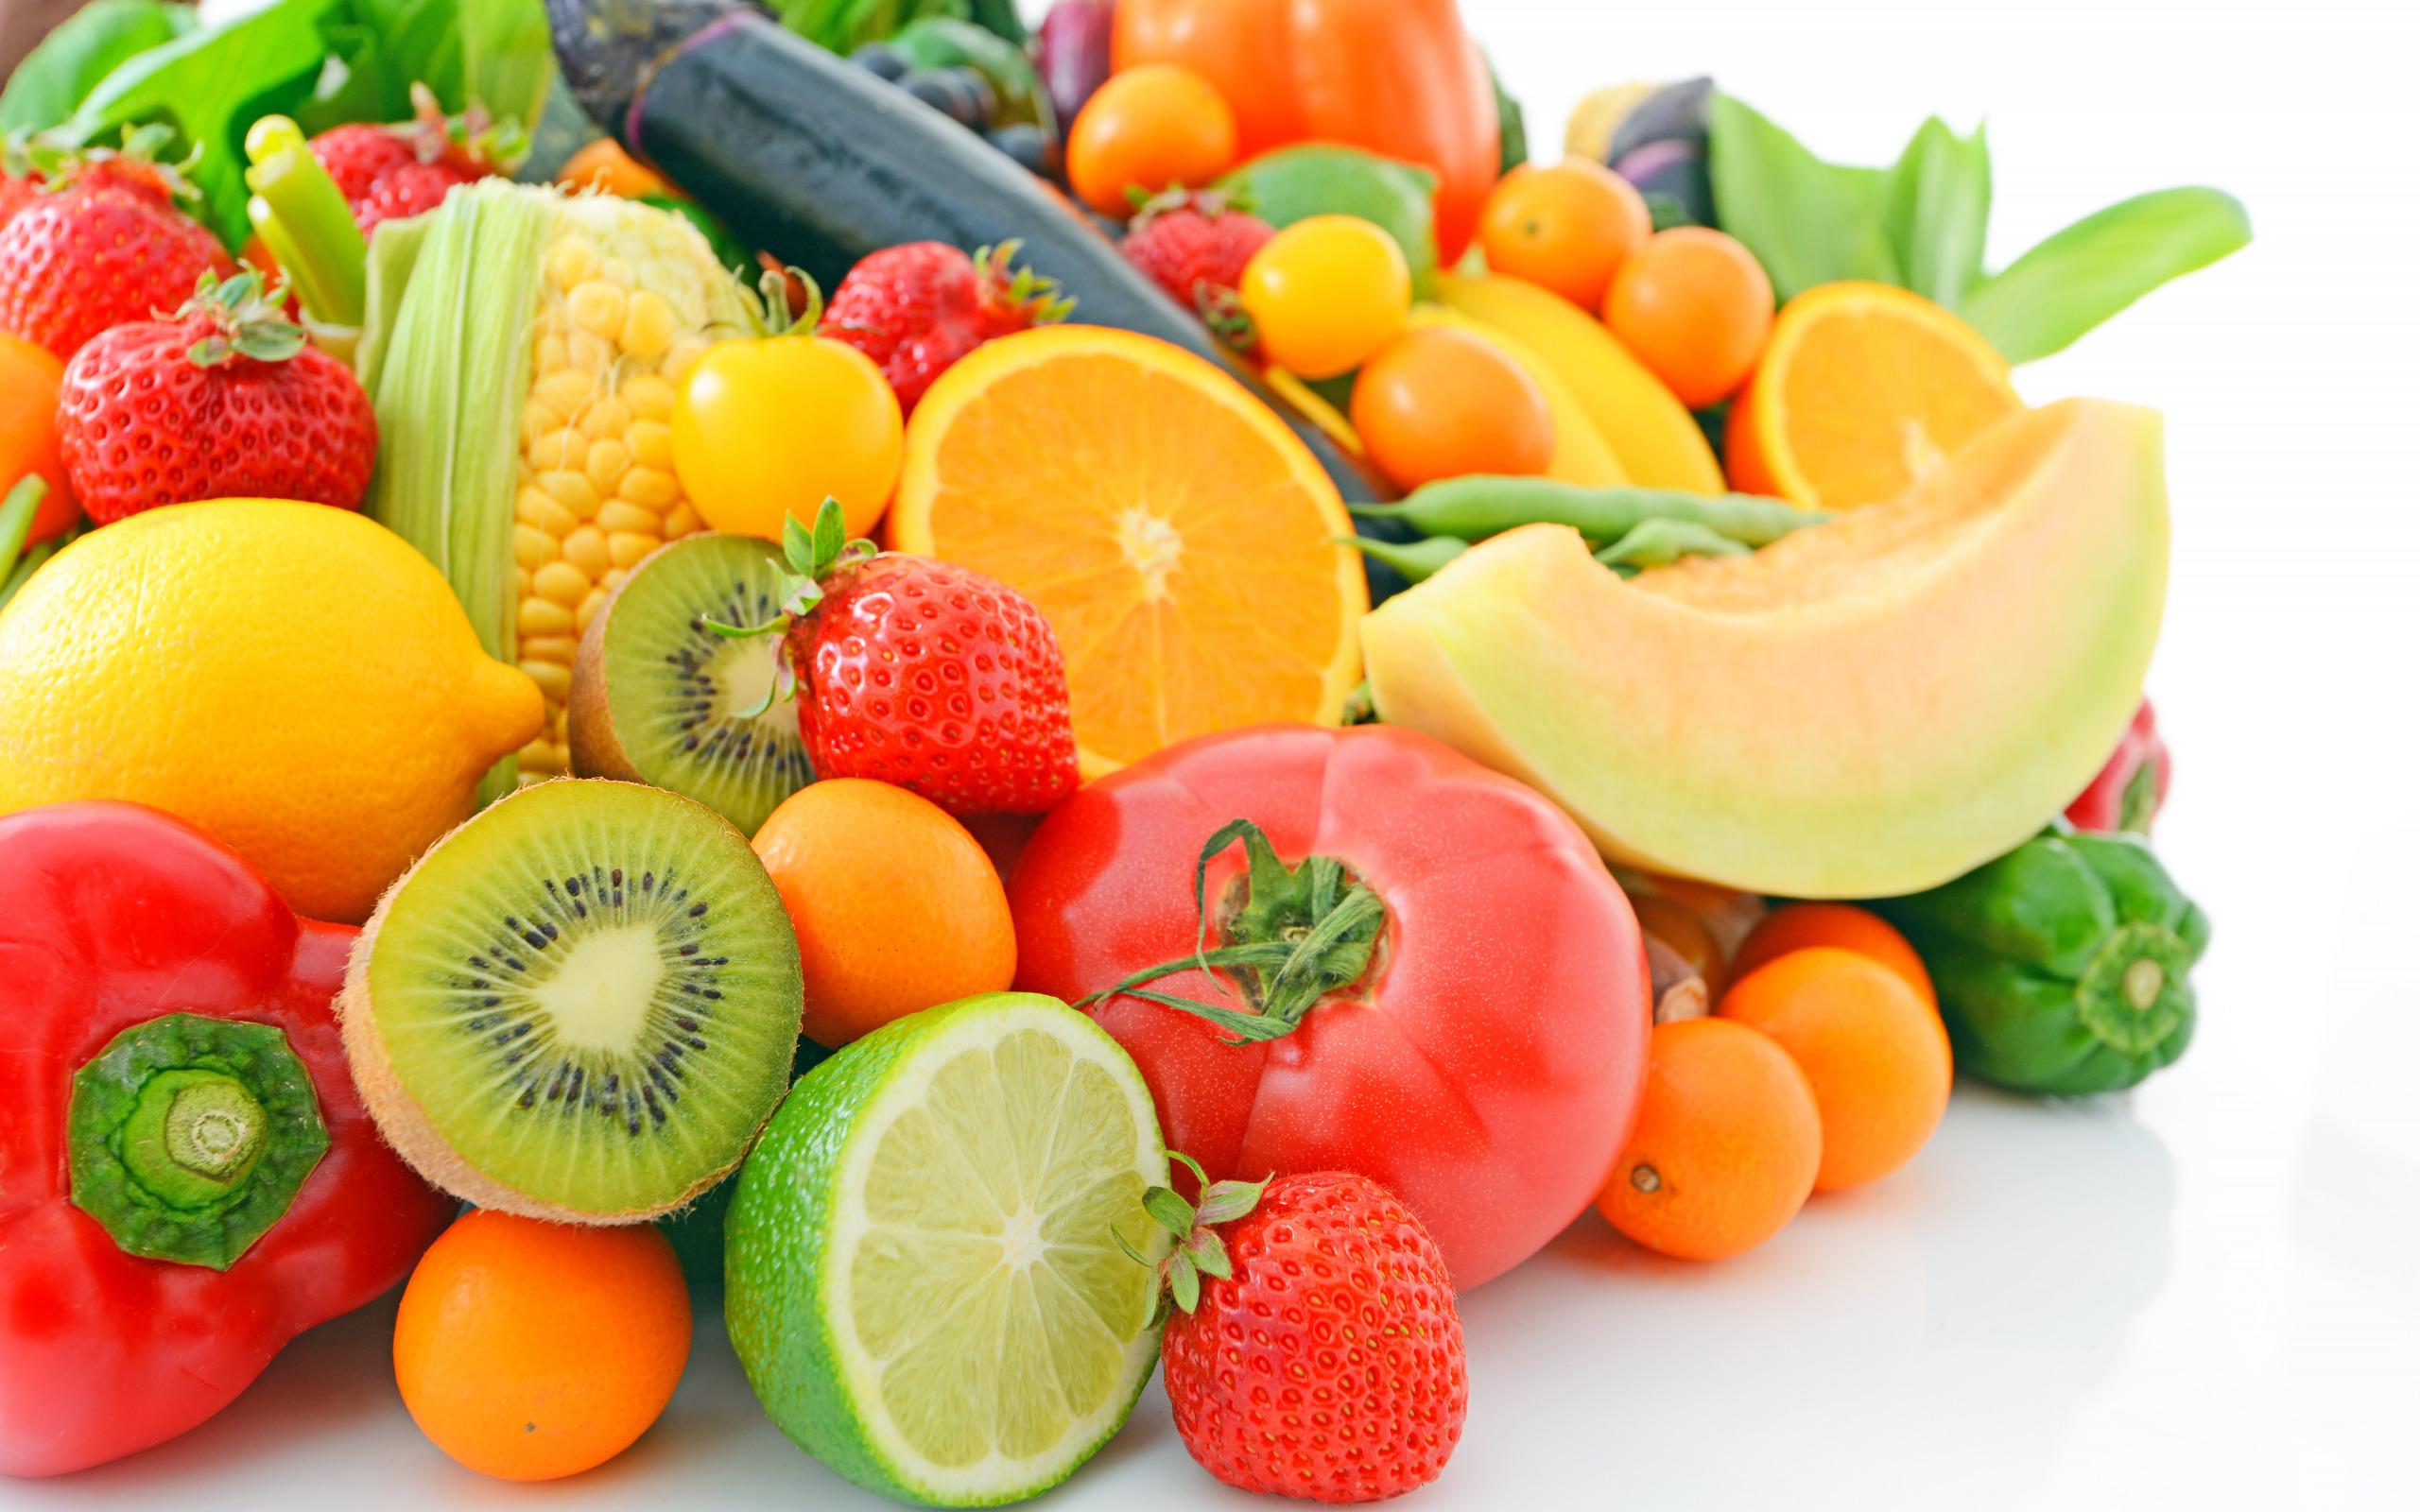 Картинки с фруктами или овощами